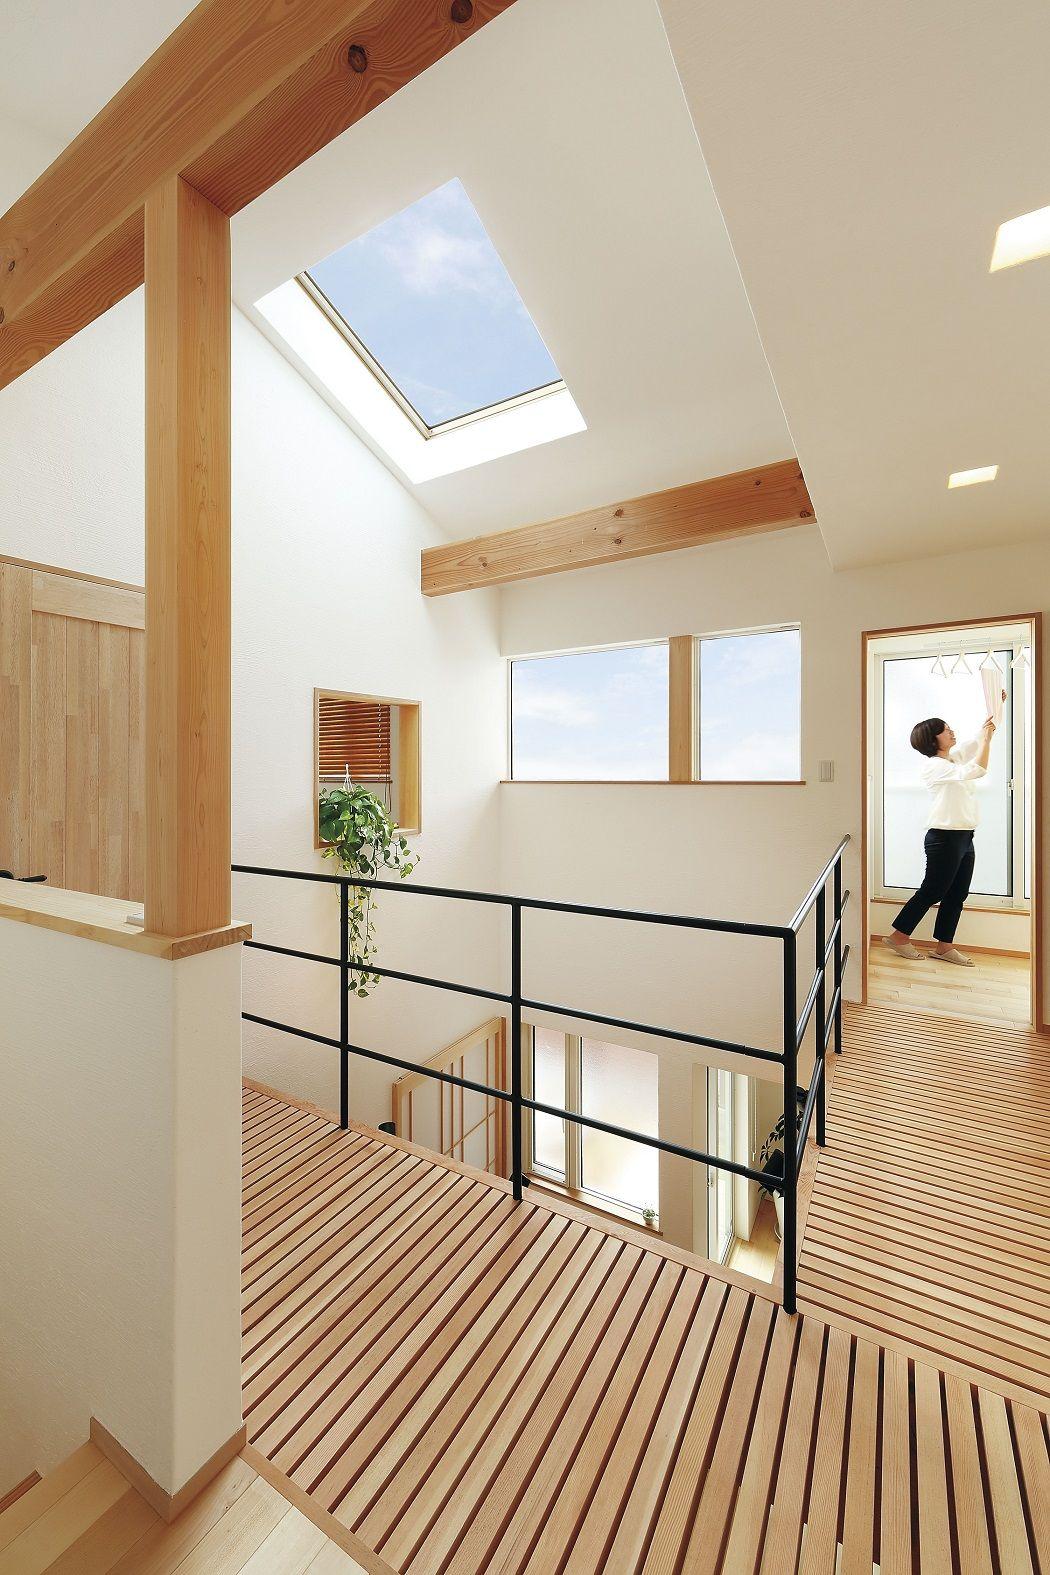 ケース94 壁 柱 床 窓 扉 天井 Zen House Home Decor Room